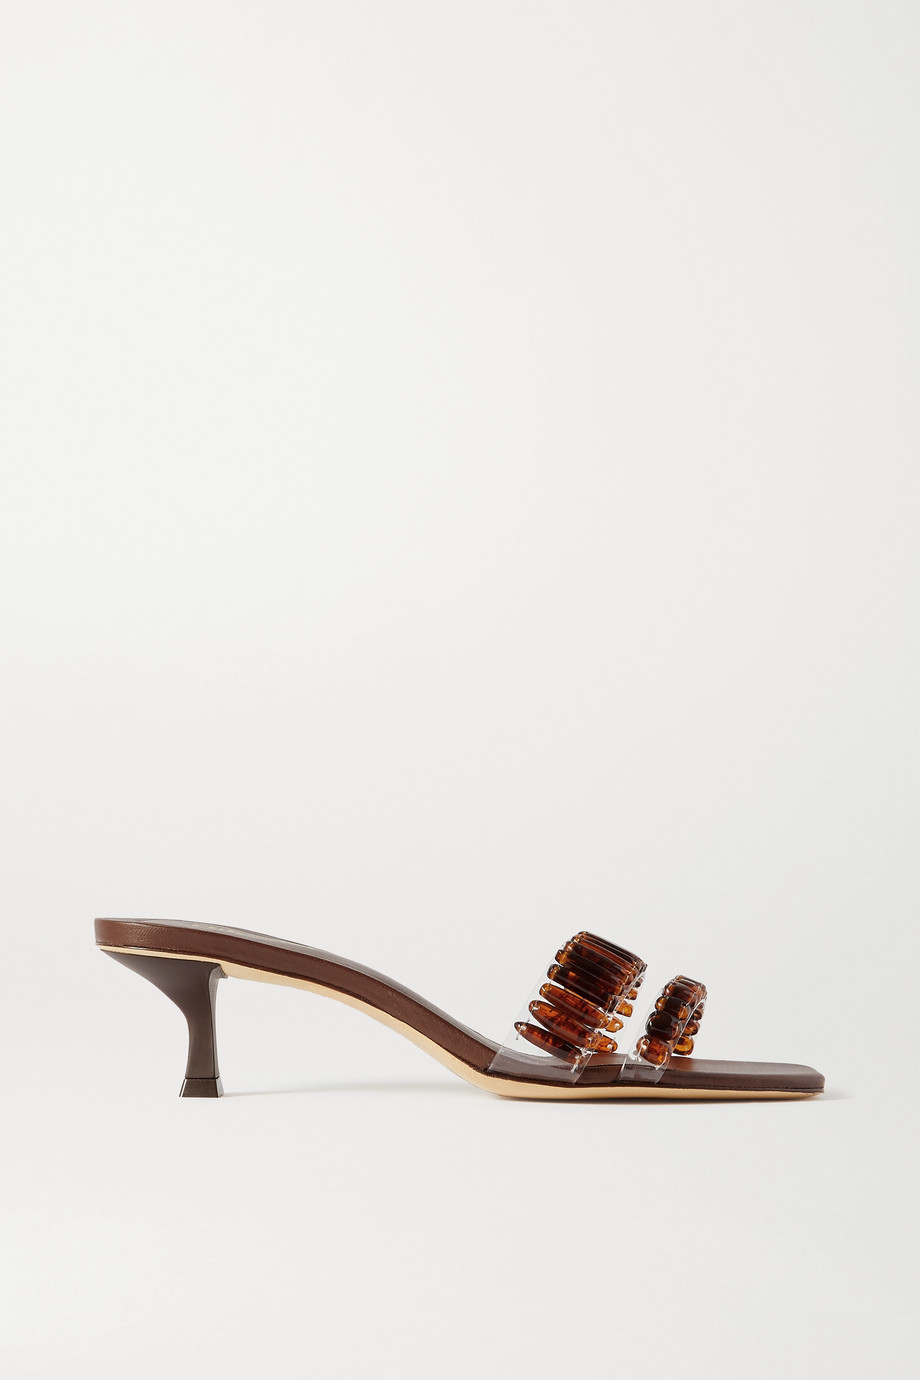 Cult Gaia Janae 圆珠缀饰 PVC 凉鞋